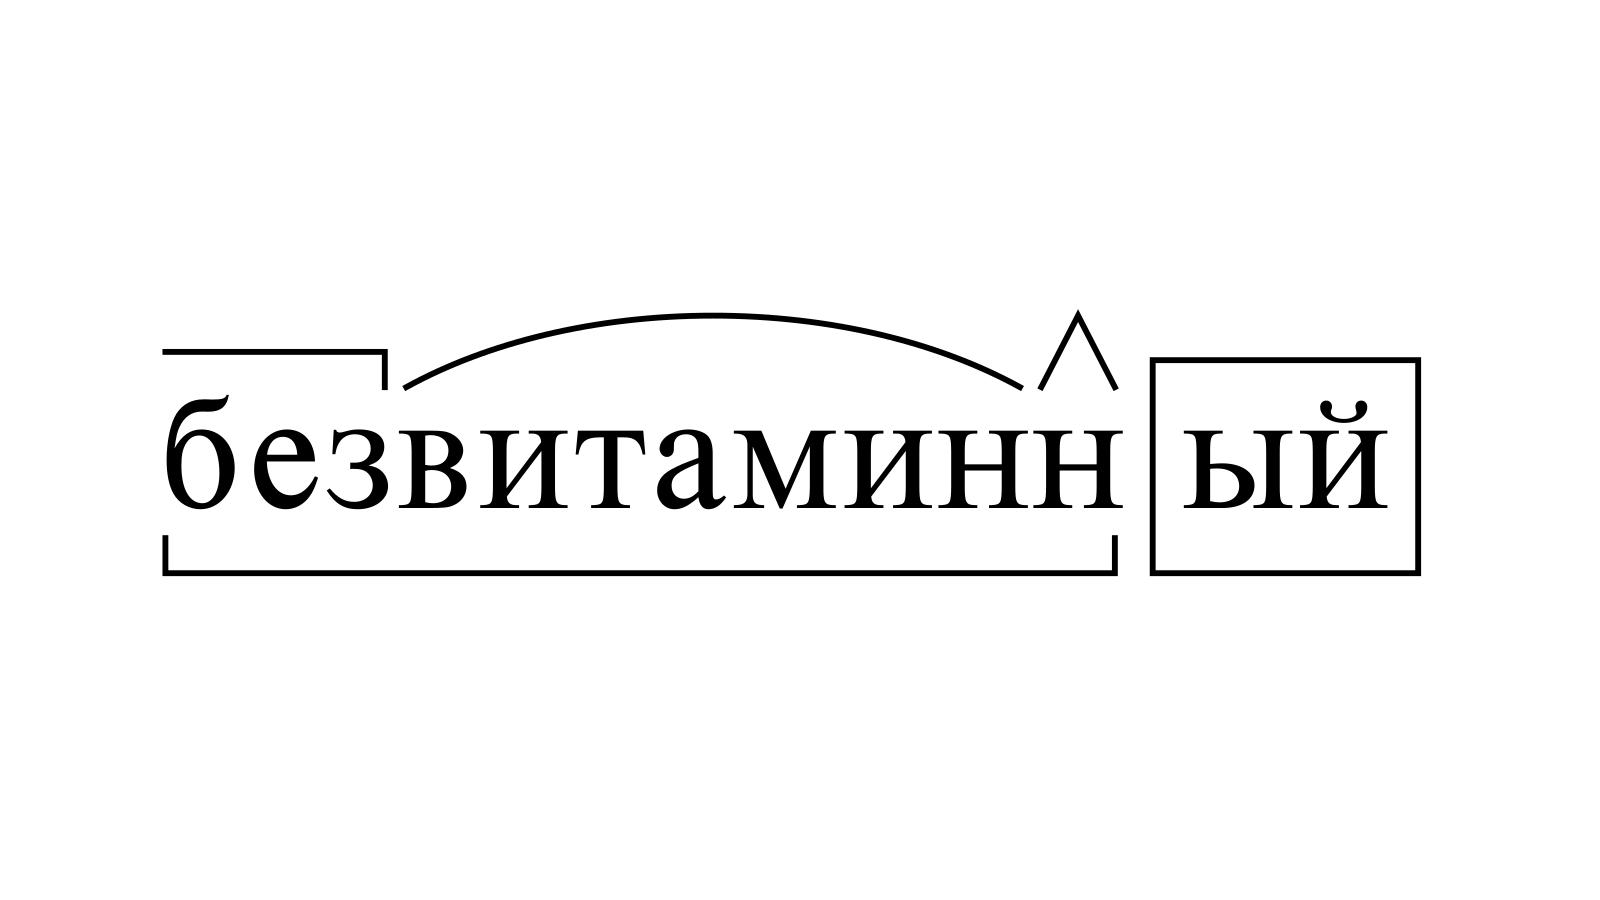 Разбор слова «безвитаминный» по составу